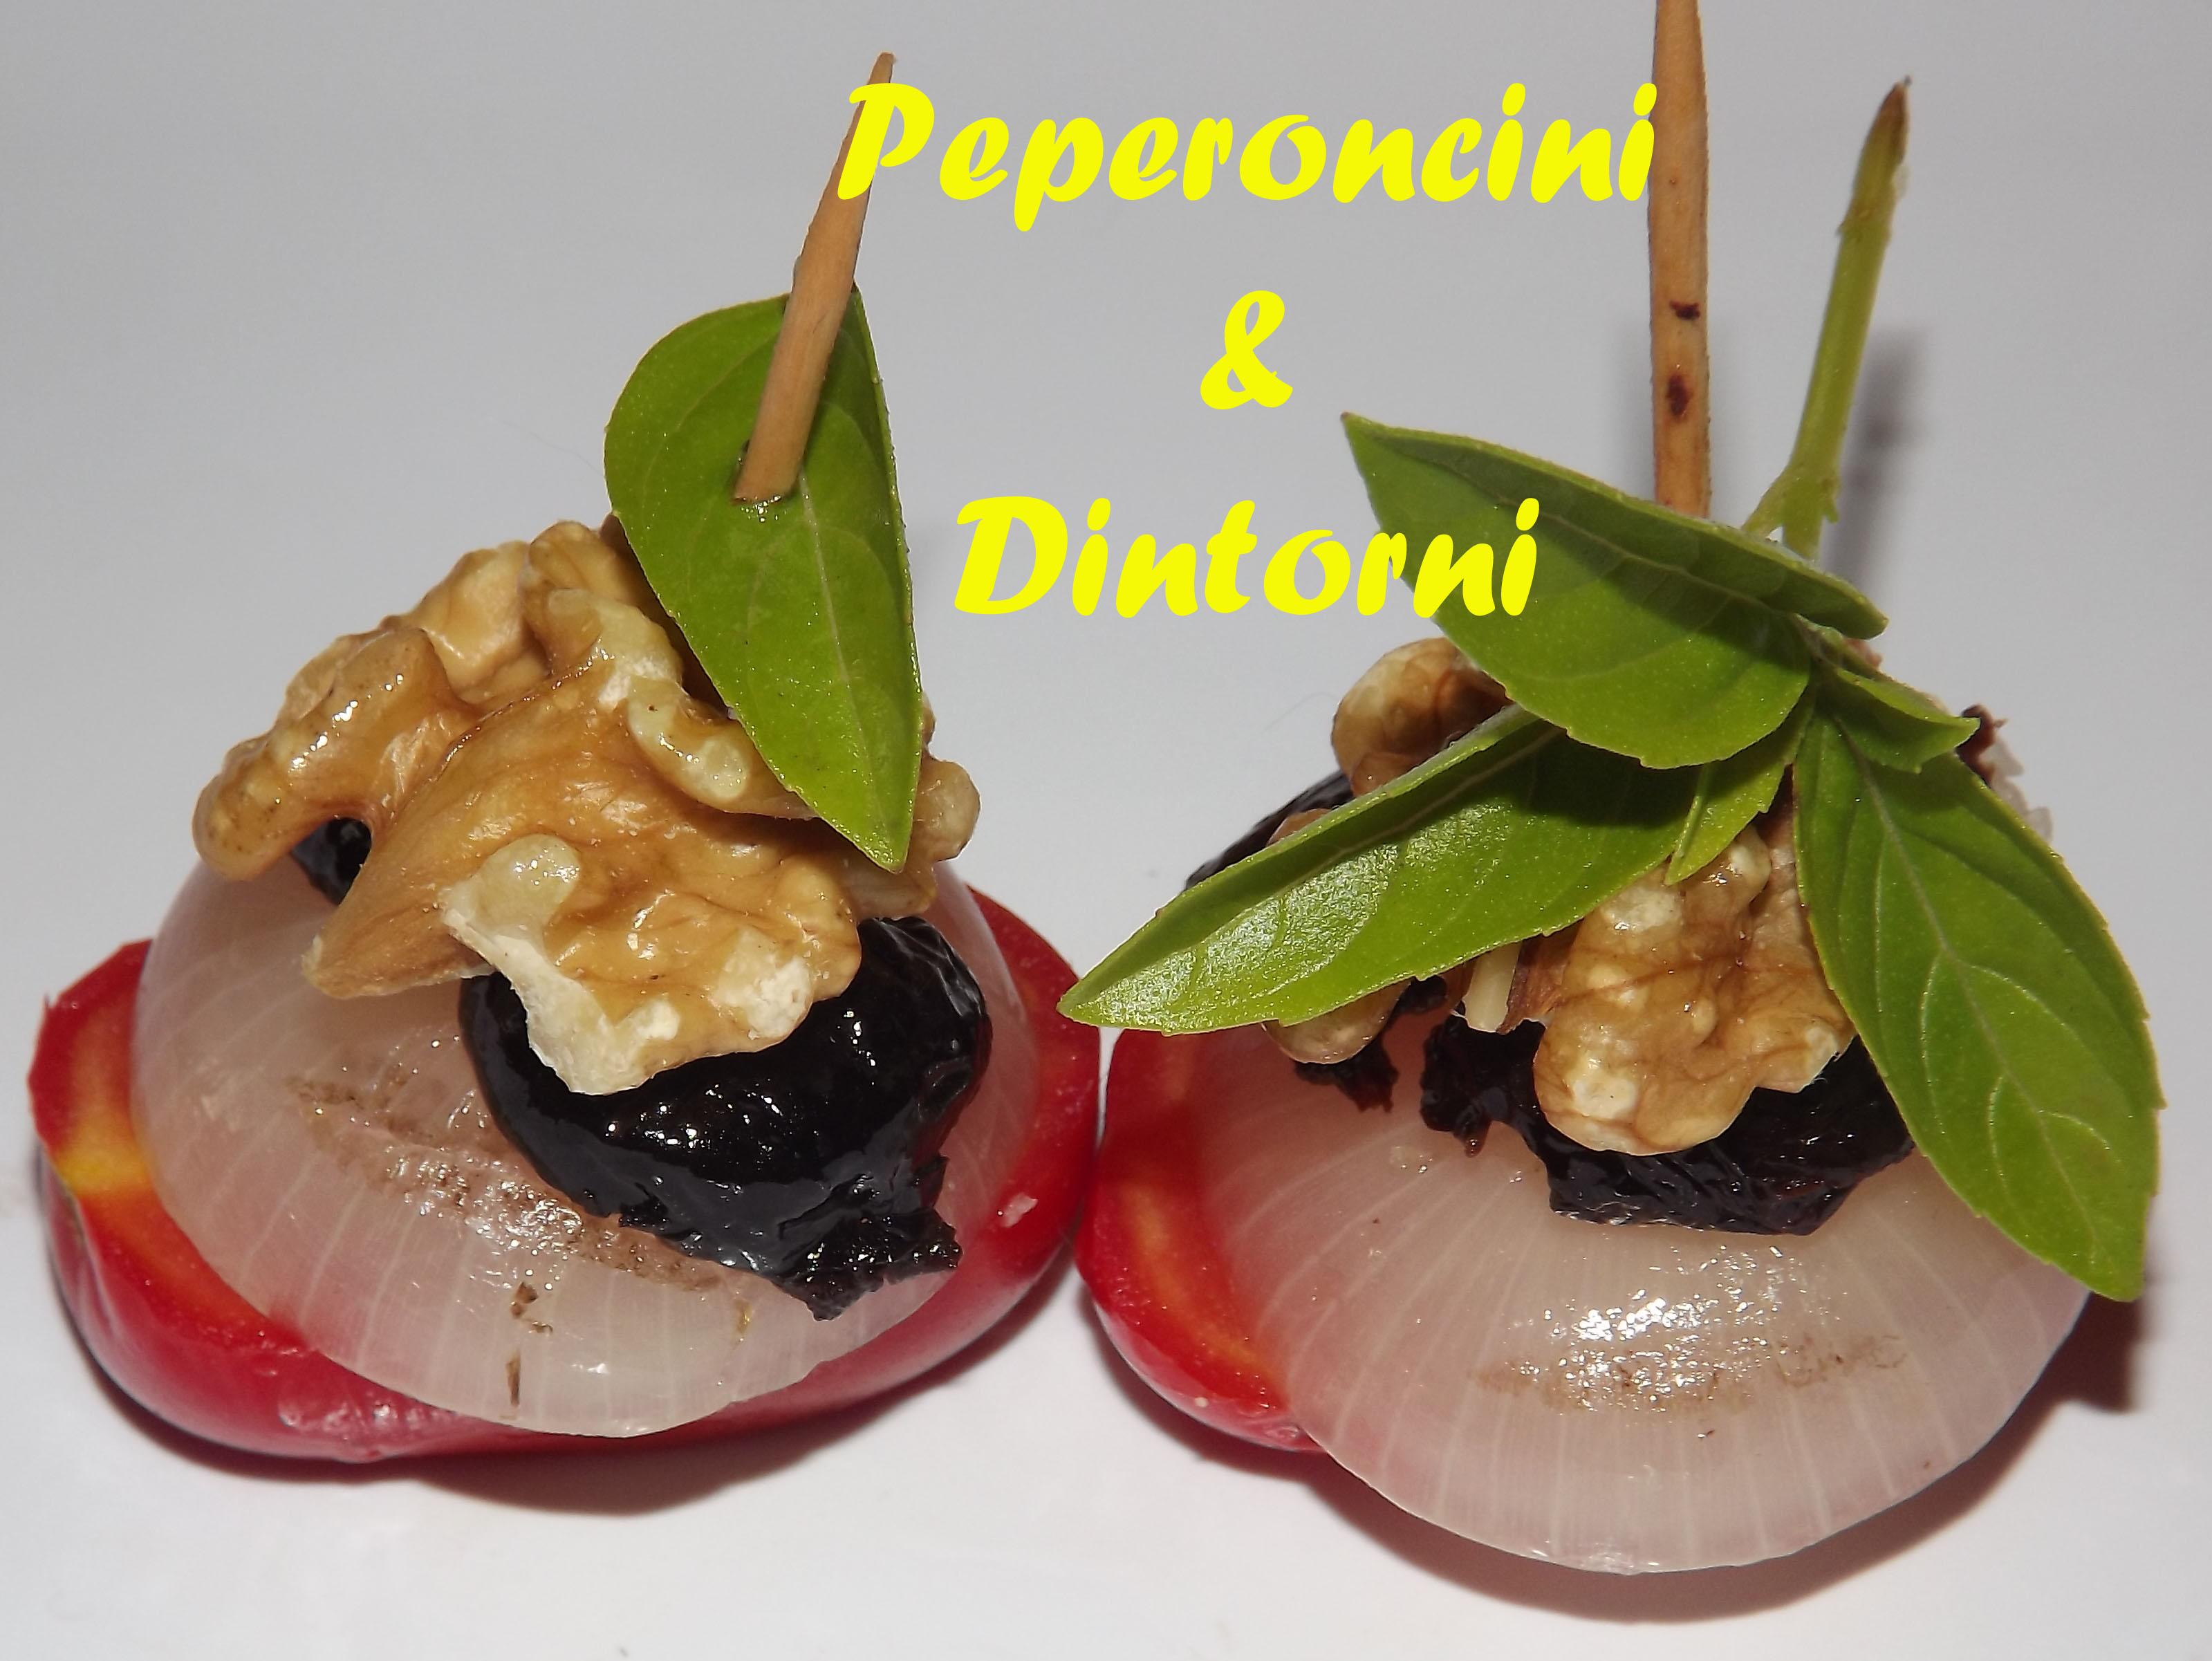 Spiedini di Cipolline Borettane Noci & Olive